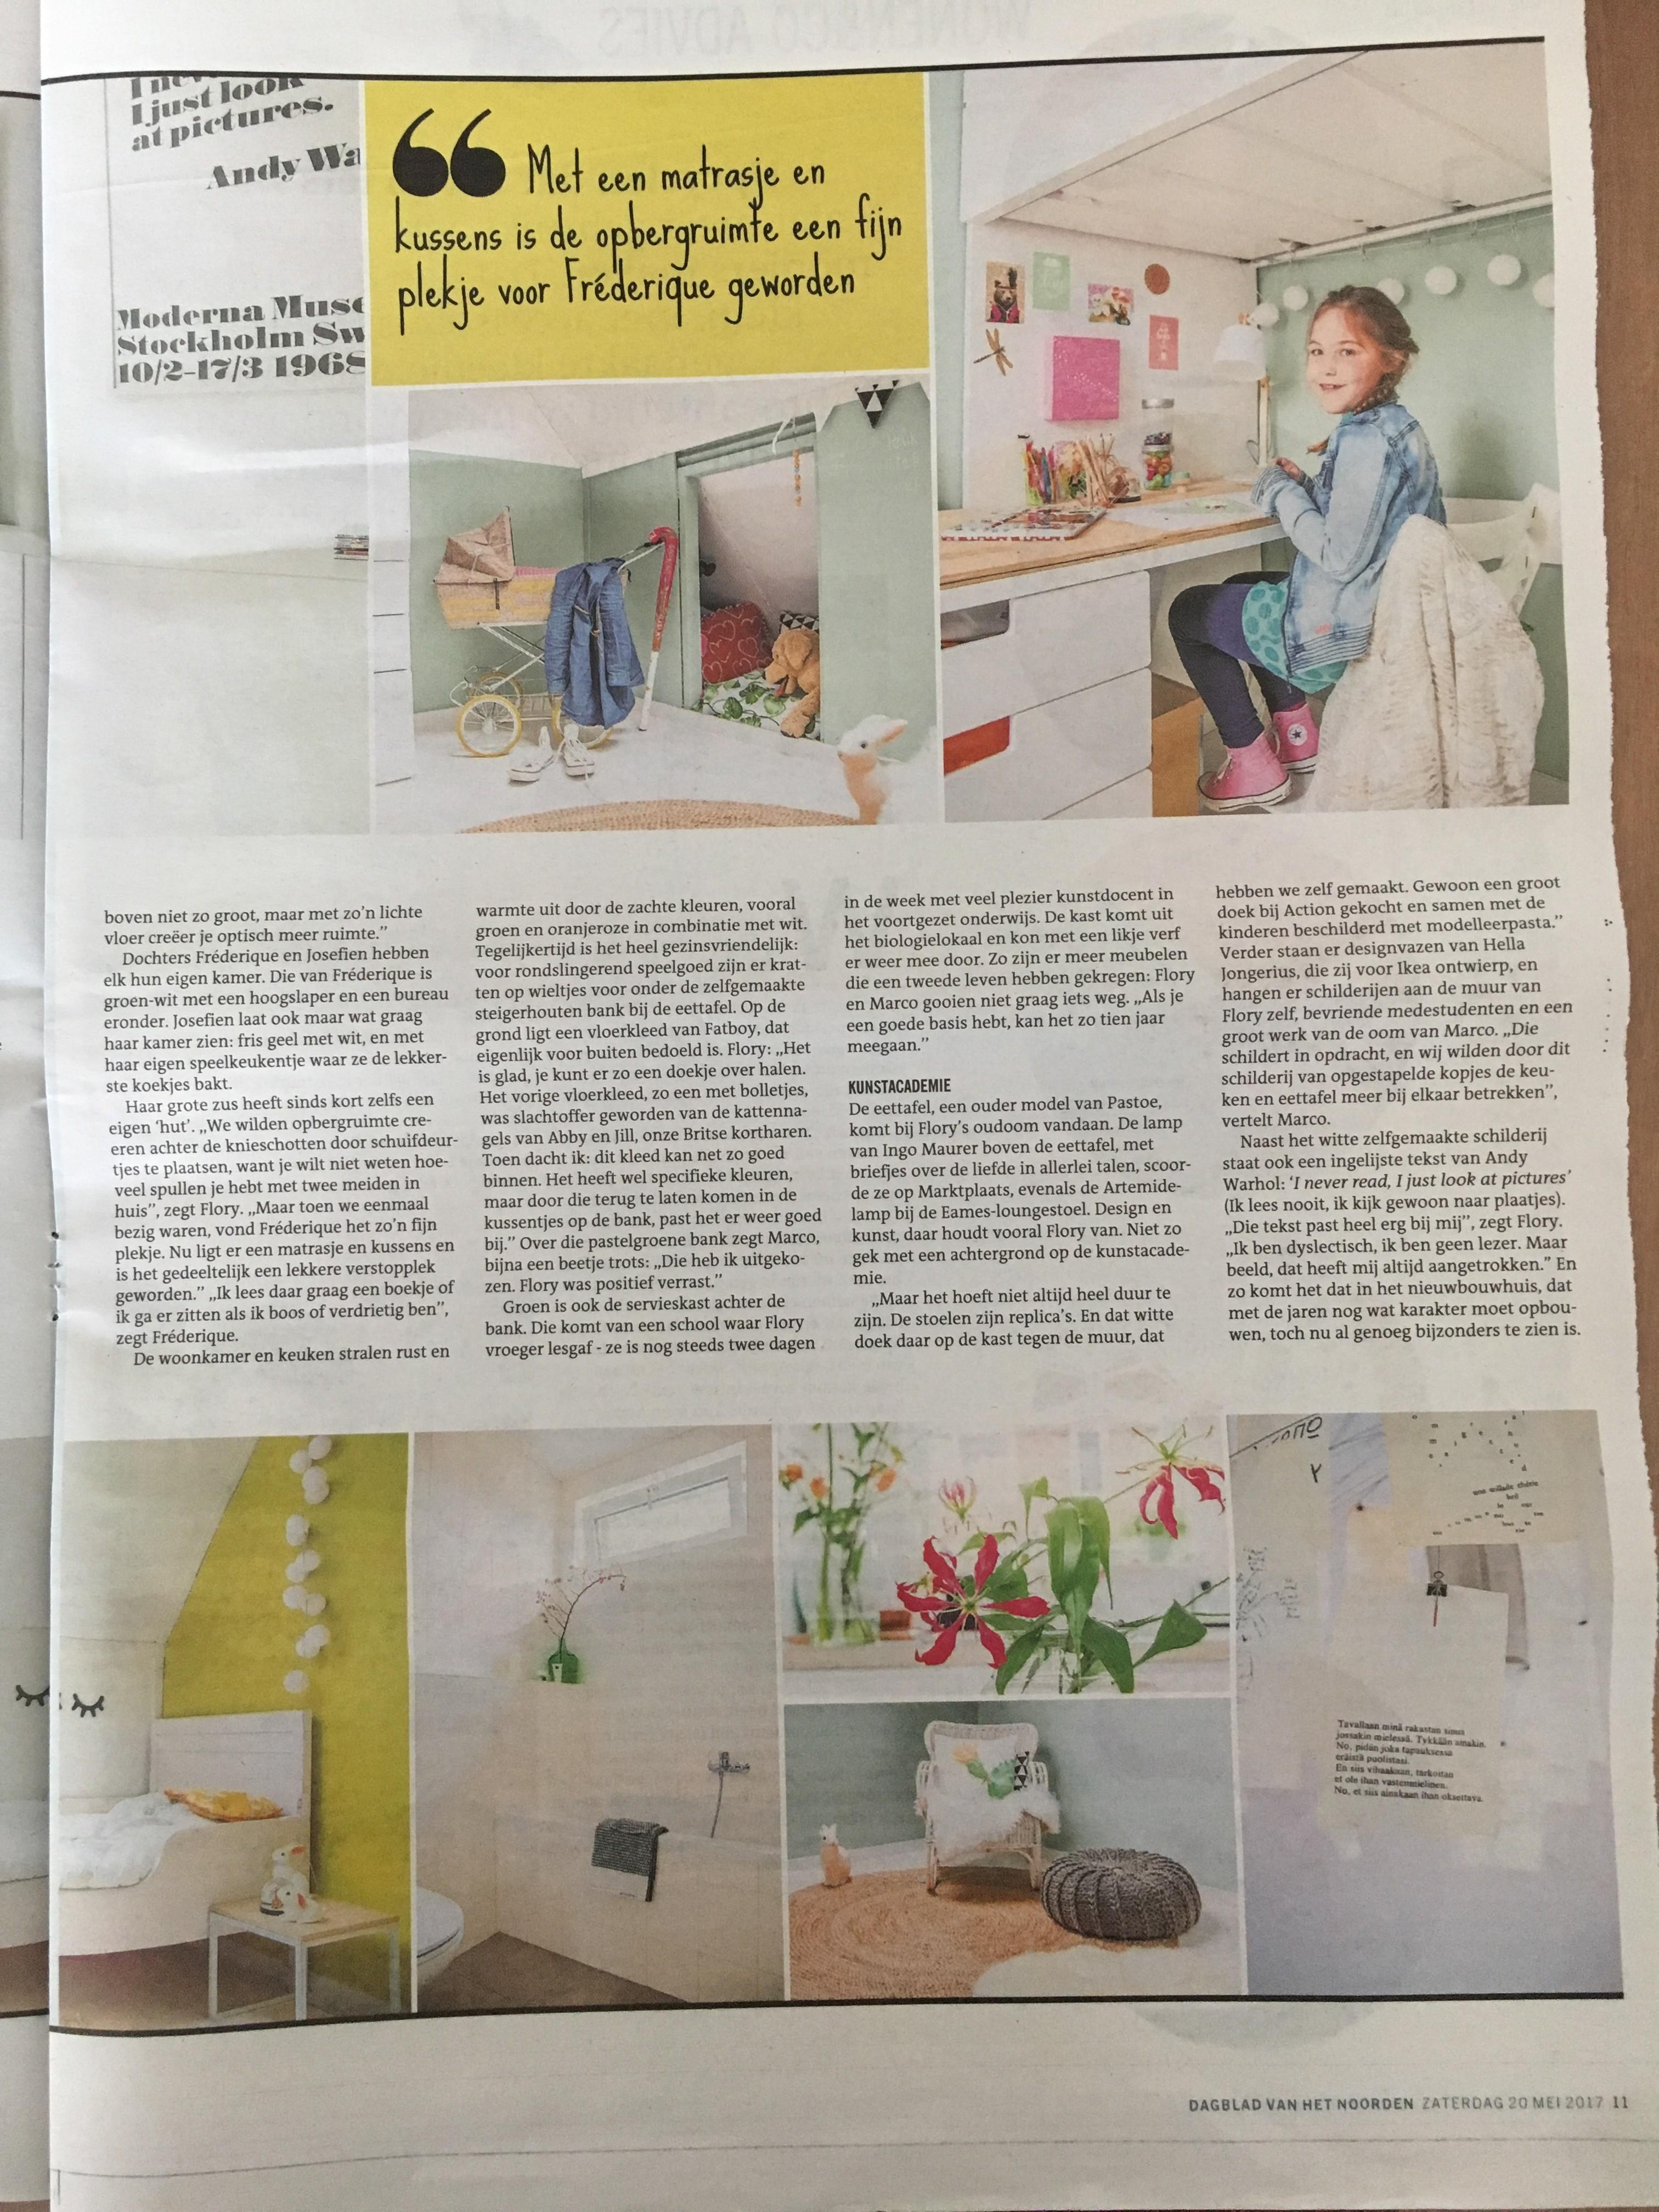 Wonen & Co (pagina 4), Dagblad van het Noorden / Leeuwarder Courant, zaterdag 20 mei 2017